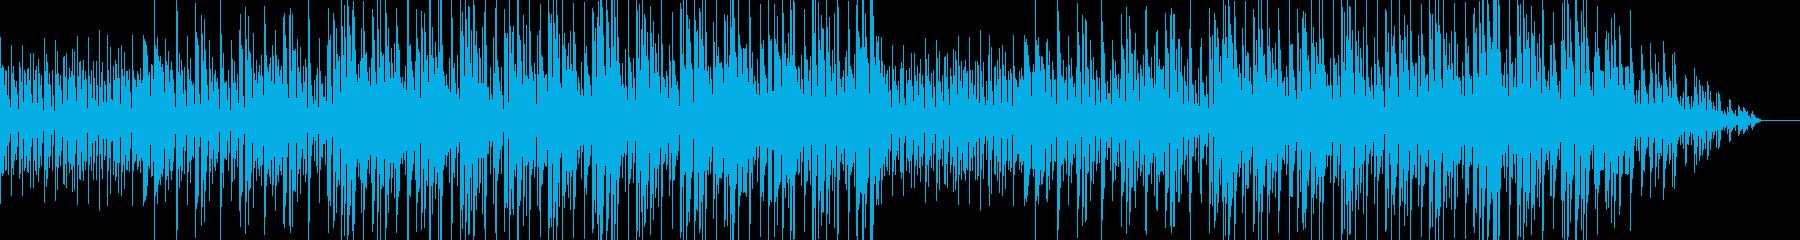 「80年代」の影響を受けたテクノグ...の再生済みの波形